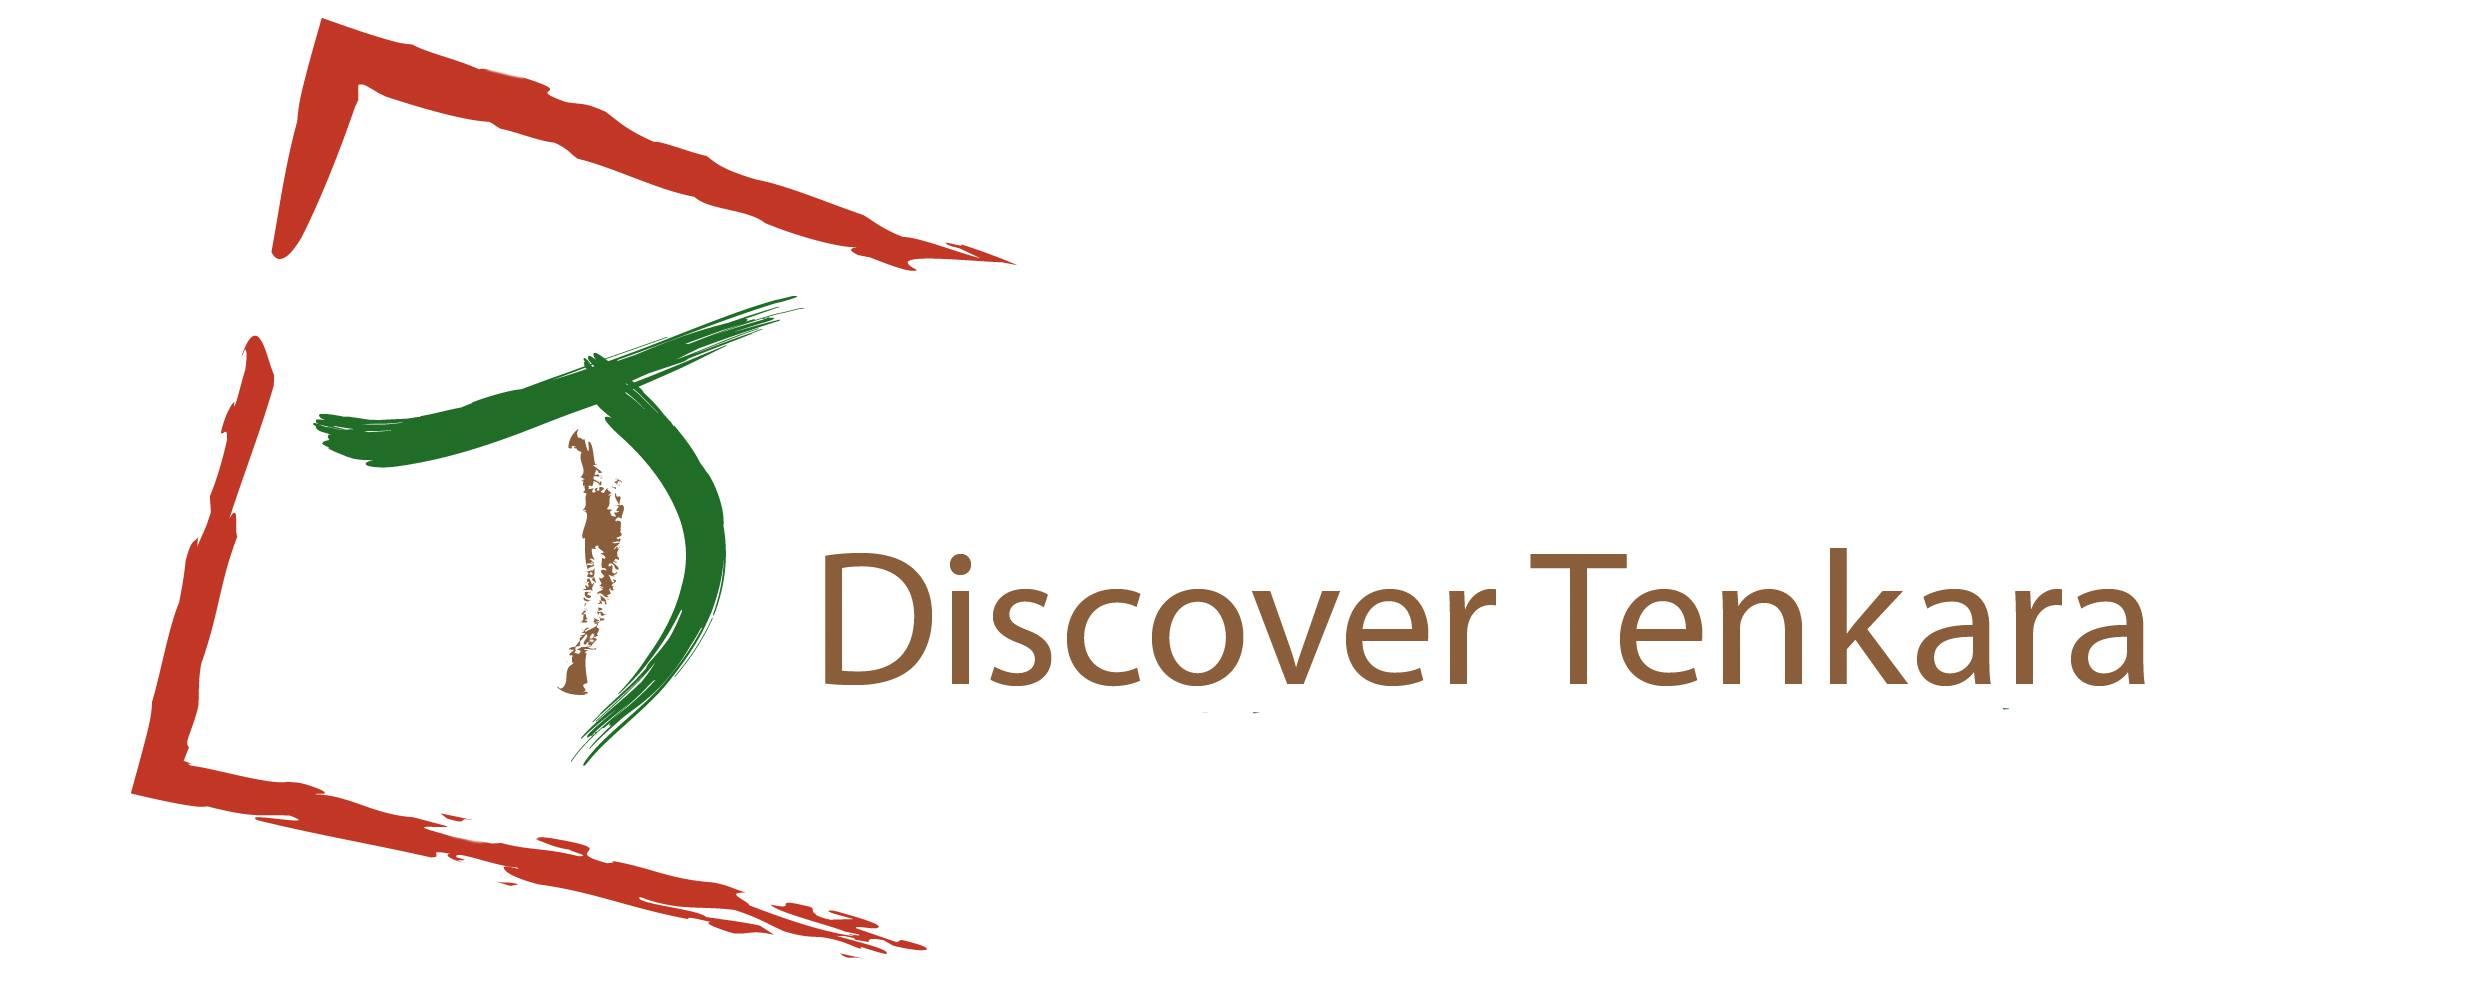 Discover Tenkara Logo